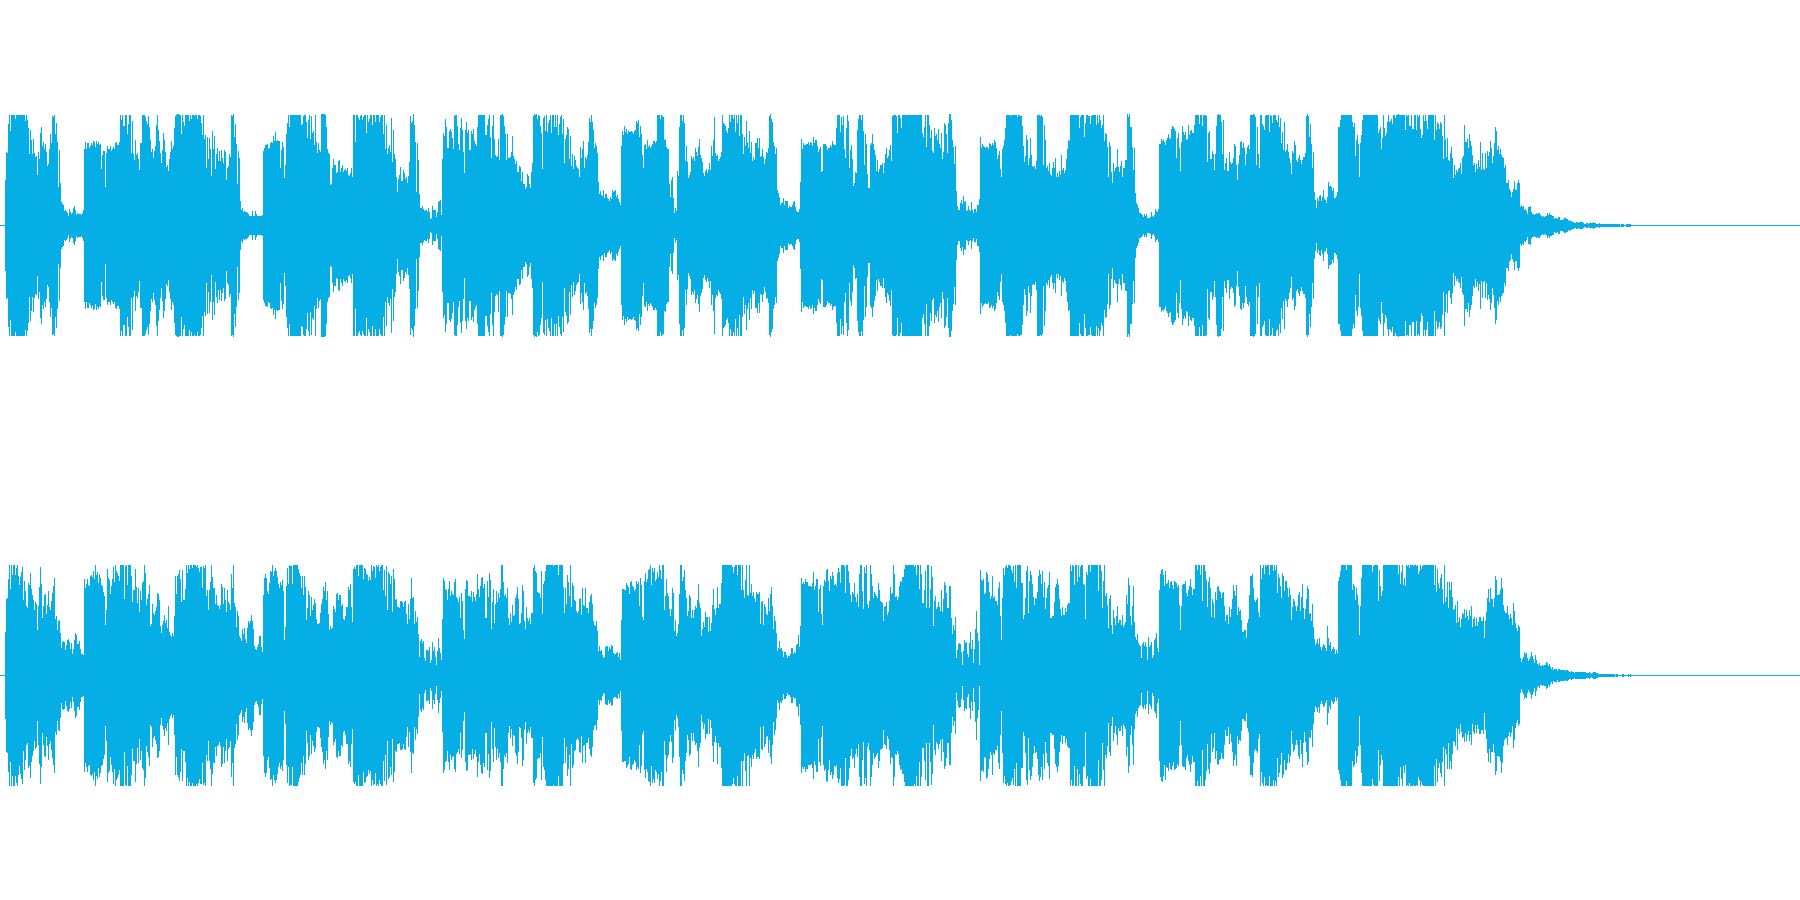 未来的HipHopバトル系ジングルの再生済みの波形